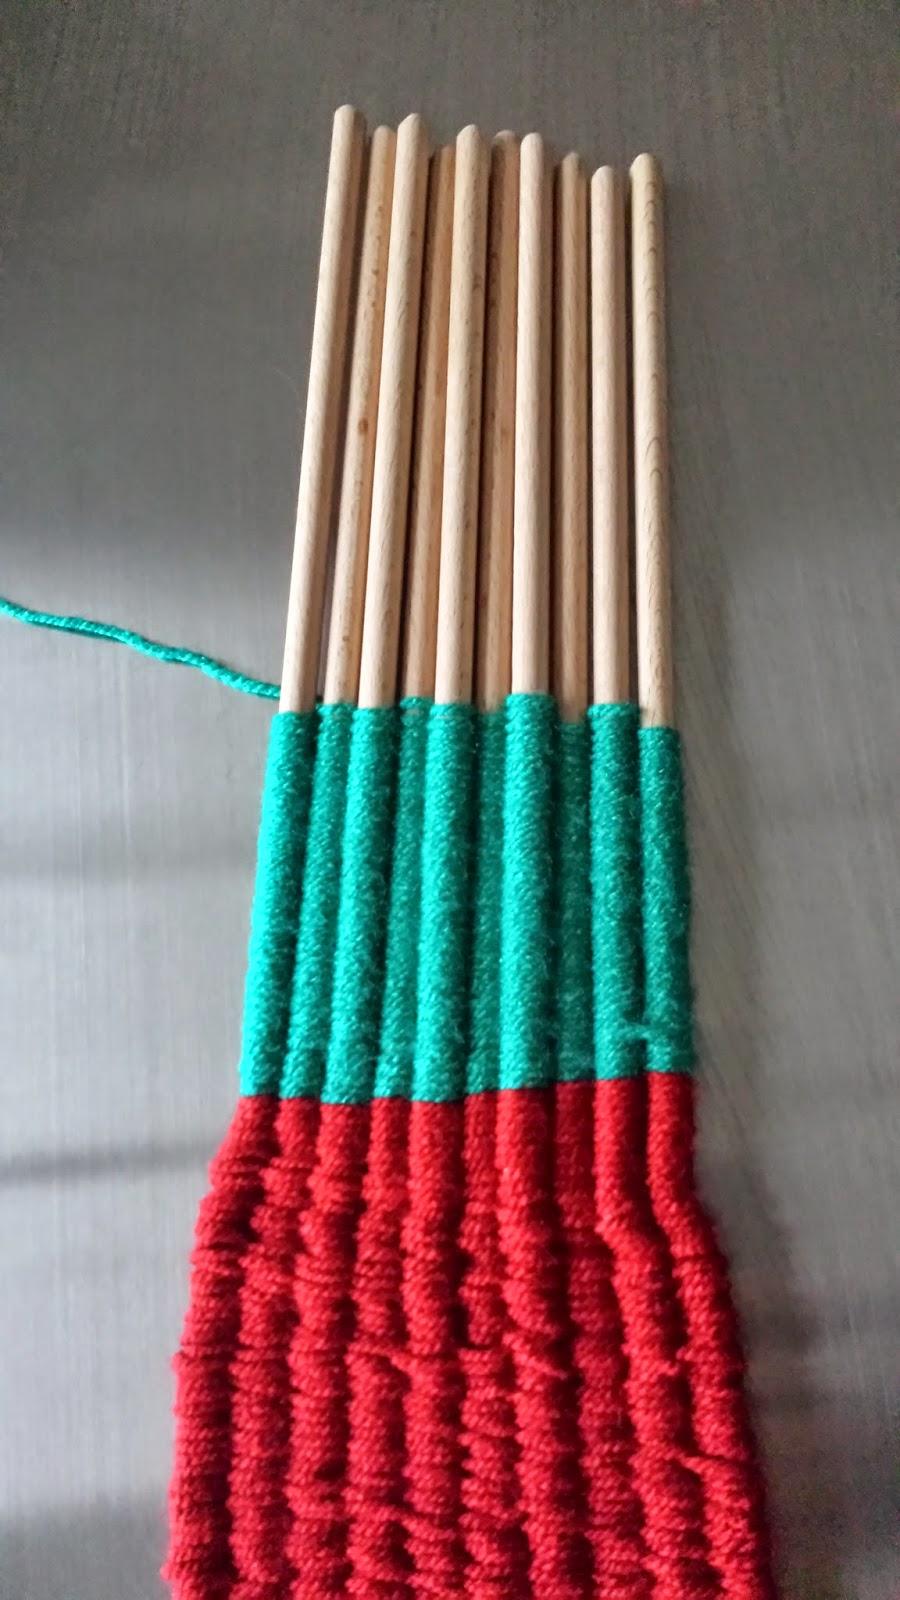 weven met stok